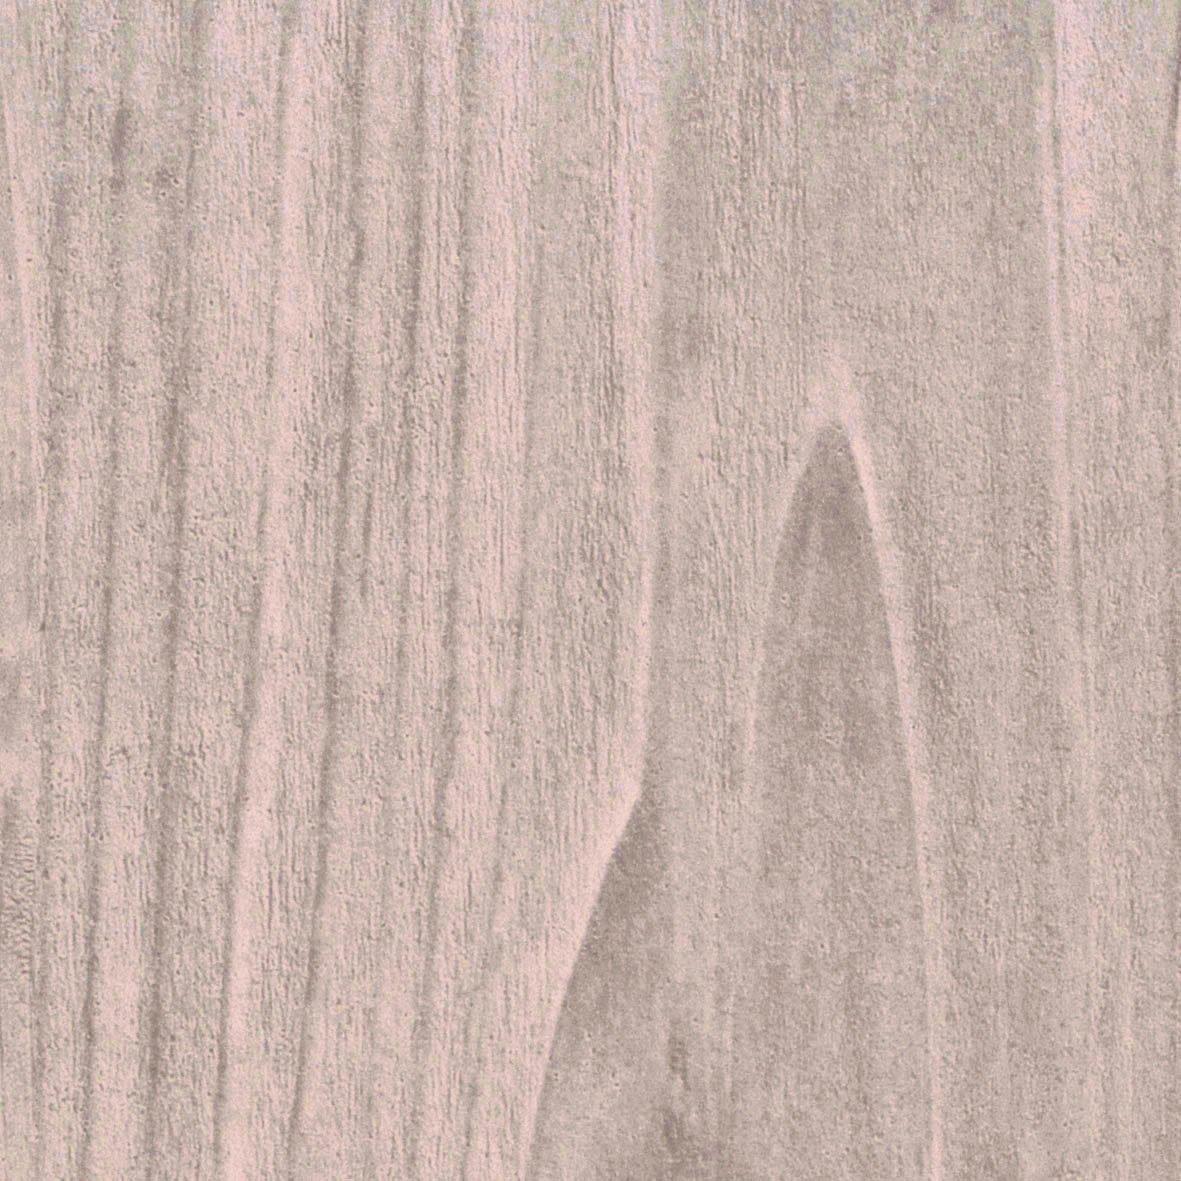 リリカラ 壁紙24m シンフル 石目調 グレー LL-8812 B01MQFJL2R 24m|グレー1